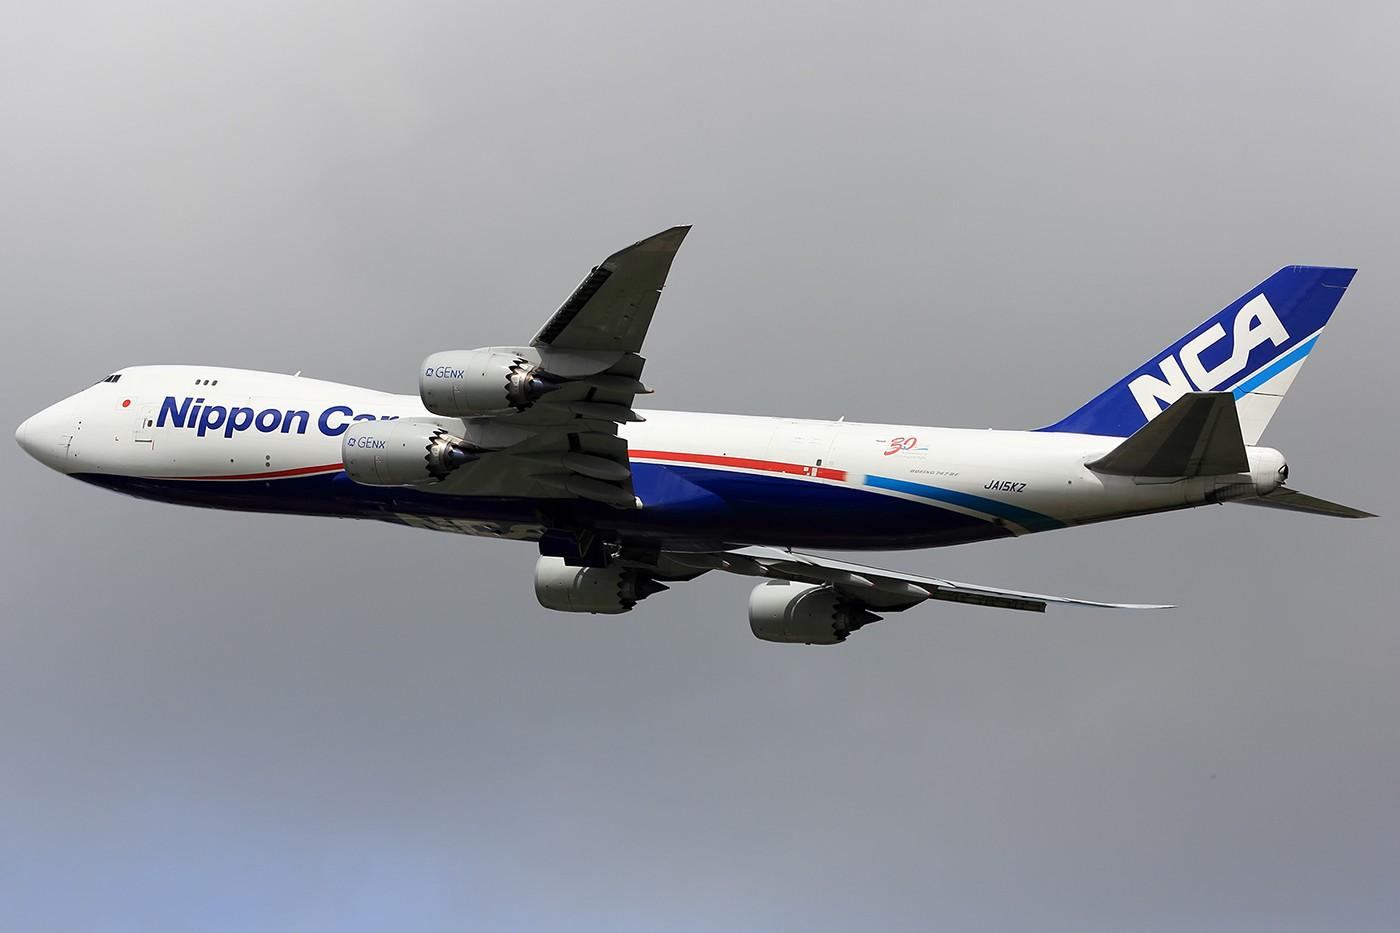 Re:[原创]【AMS】阿姆斯特丹常规卡狗一组 1400*933 BOEING 747-8F JA15KZ 荷兰阿姆斯特丹史基浦机场